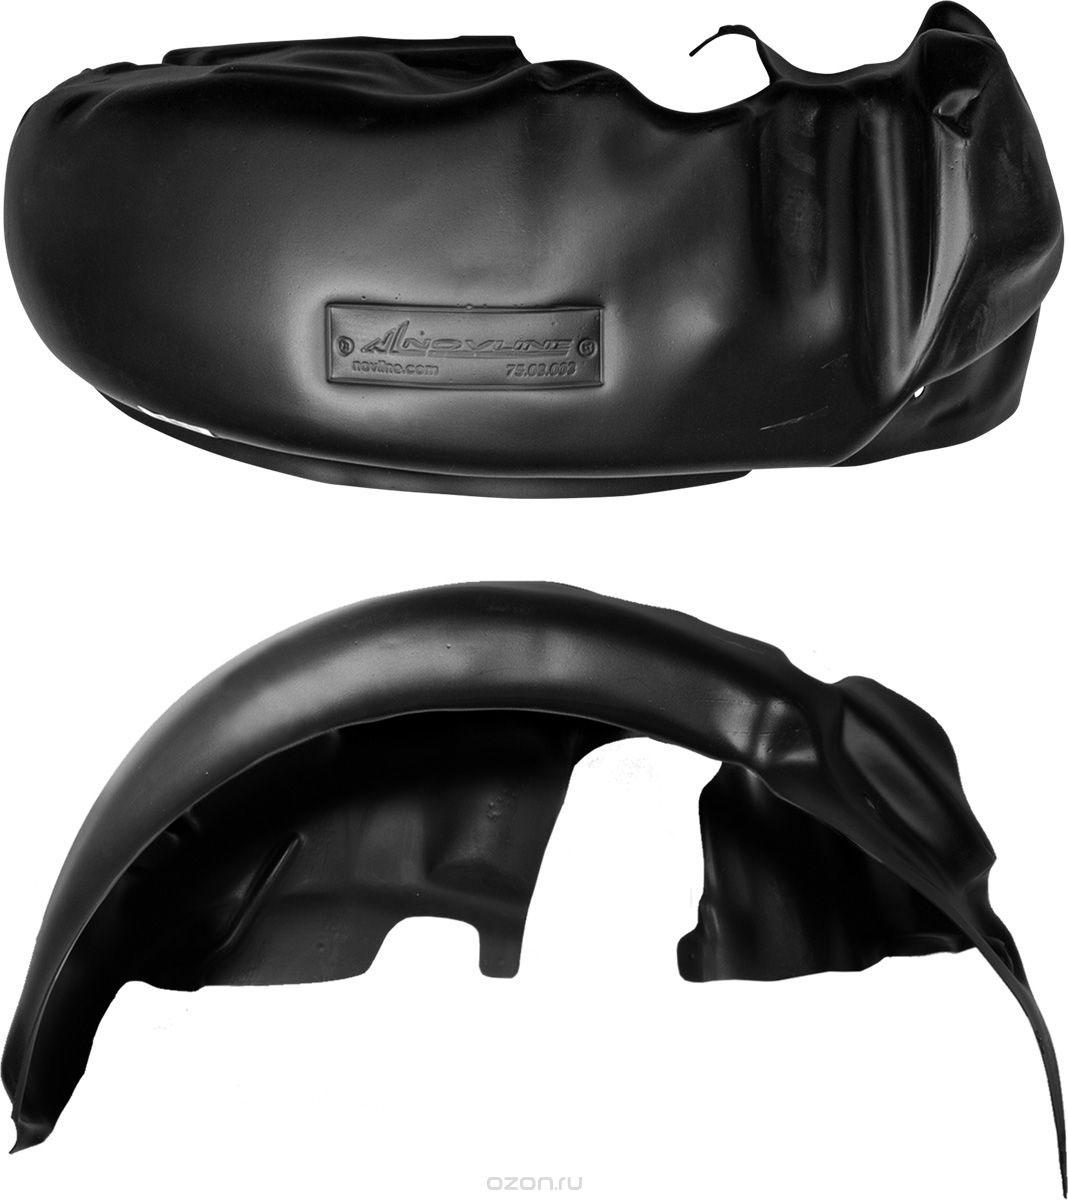 Подкрылок Novline-Autofamily, для CITROEN Jumper 08/2014->, без расширителей арок, передний правыйVCA-00Идеальная защита колесной ниши. Локеры разработаны с применением цифровых технологий, гарантируют максимальную повторяемость поверхности арки. Изделия устанавливаются без нарушения лакокрасочного покрытия автомобиля, каждый подкрылок комплектуется крепежом. Уважаемые клиенты, обращаем ваше внимание, что фотографии на подкрылки универсальные и не отражают реальную форму изделия. При этом само изделие идет точно под размер указанного автомобиля.